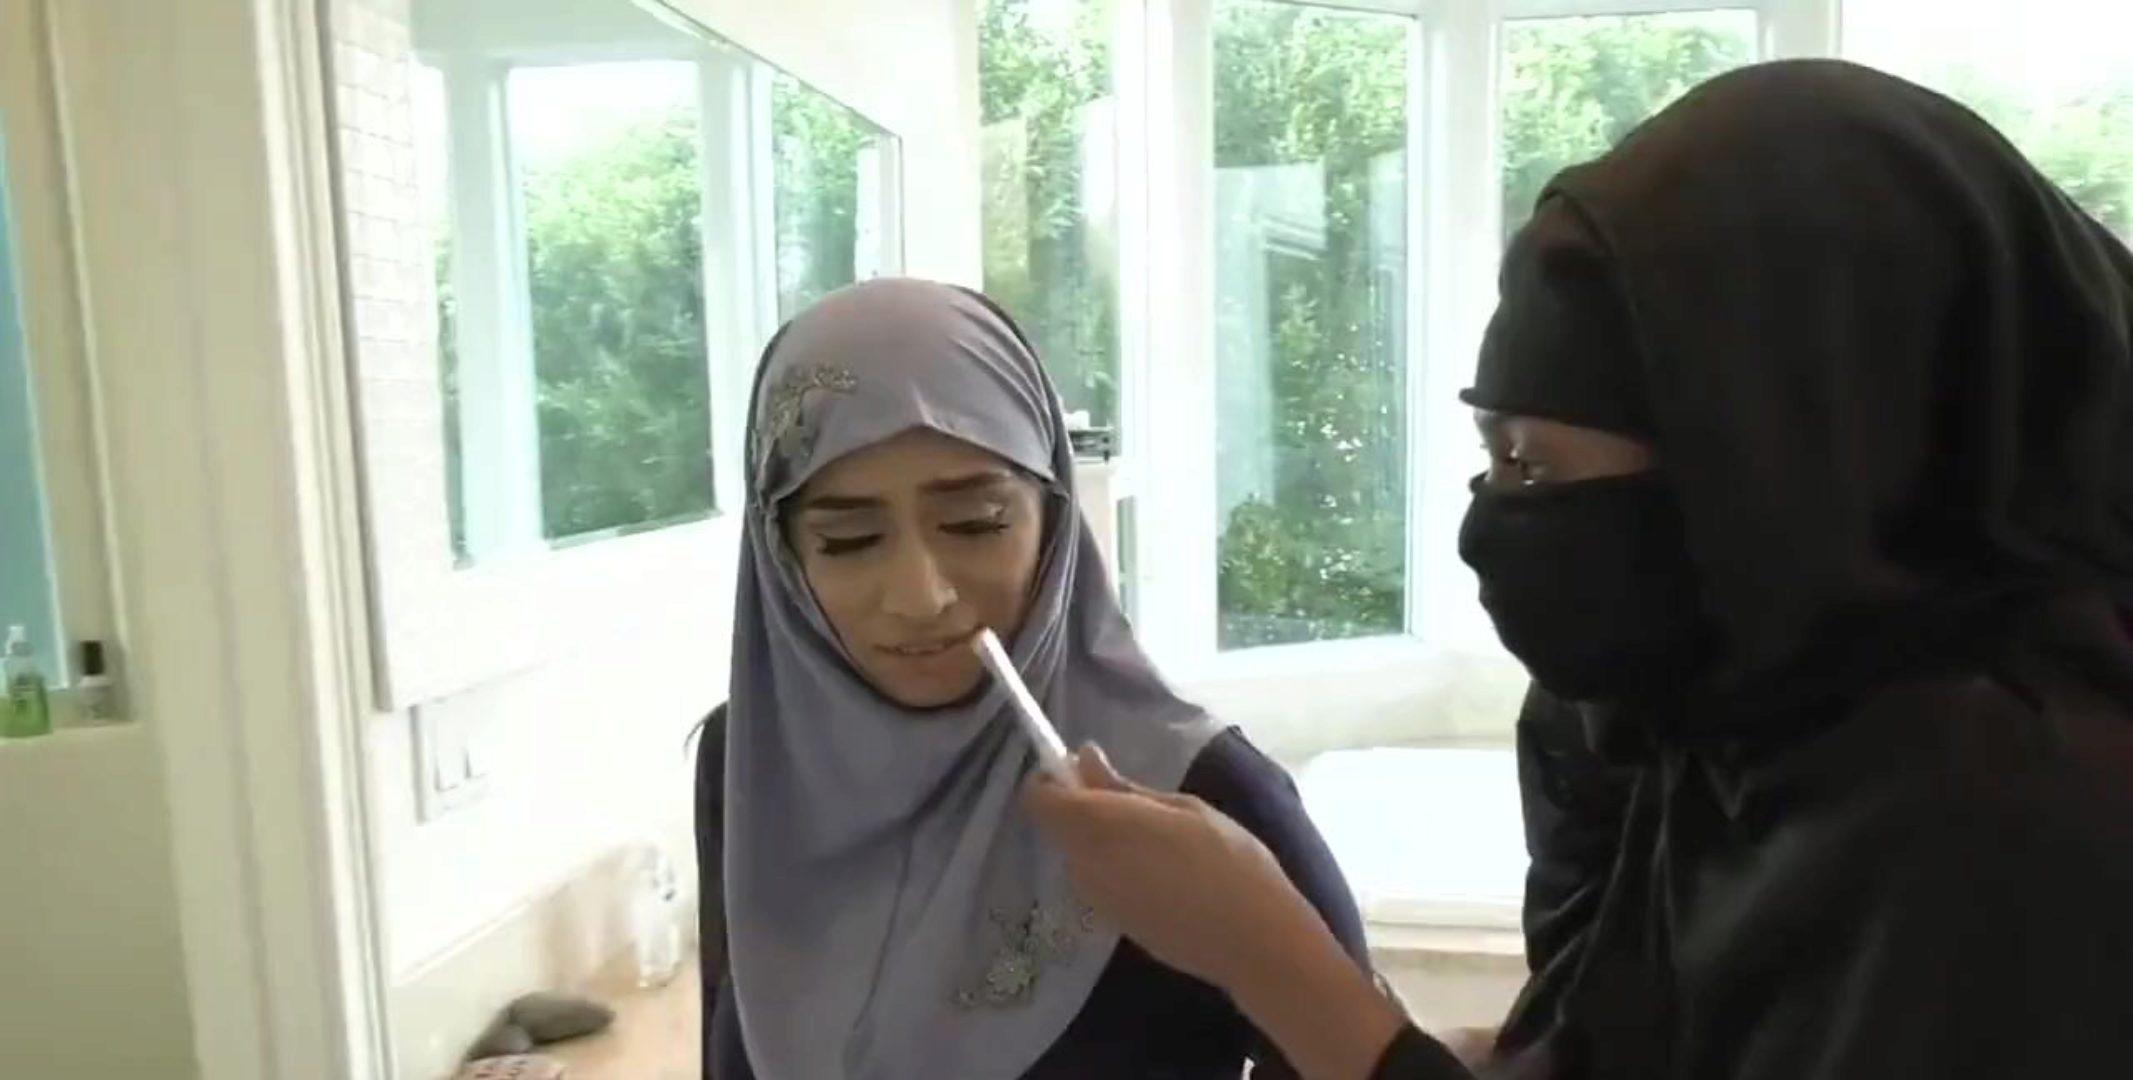 Porm hijab Muslim Porn